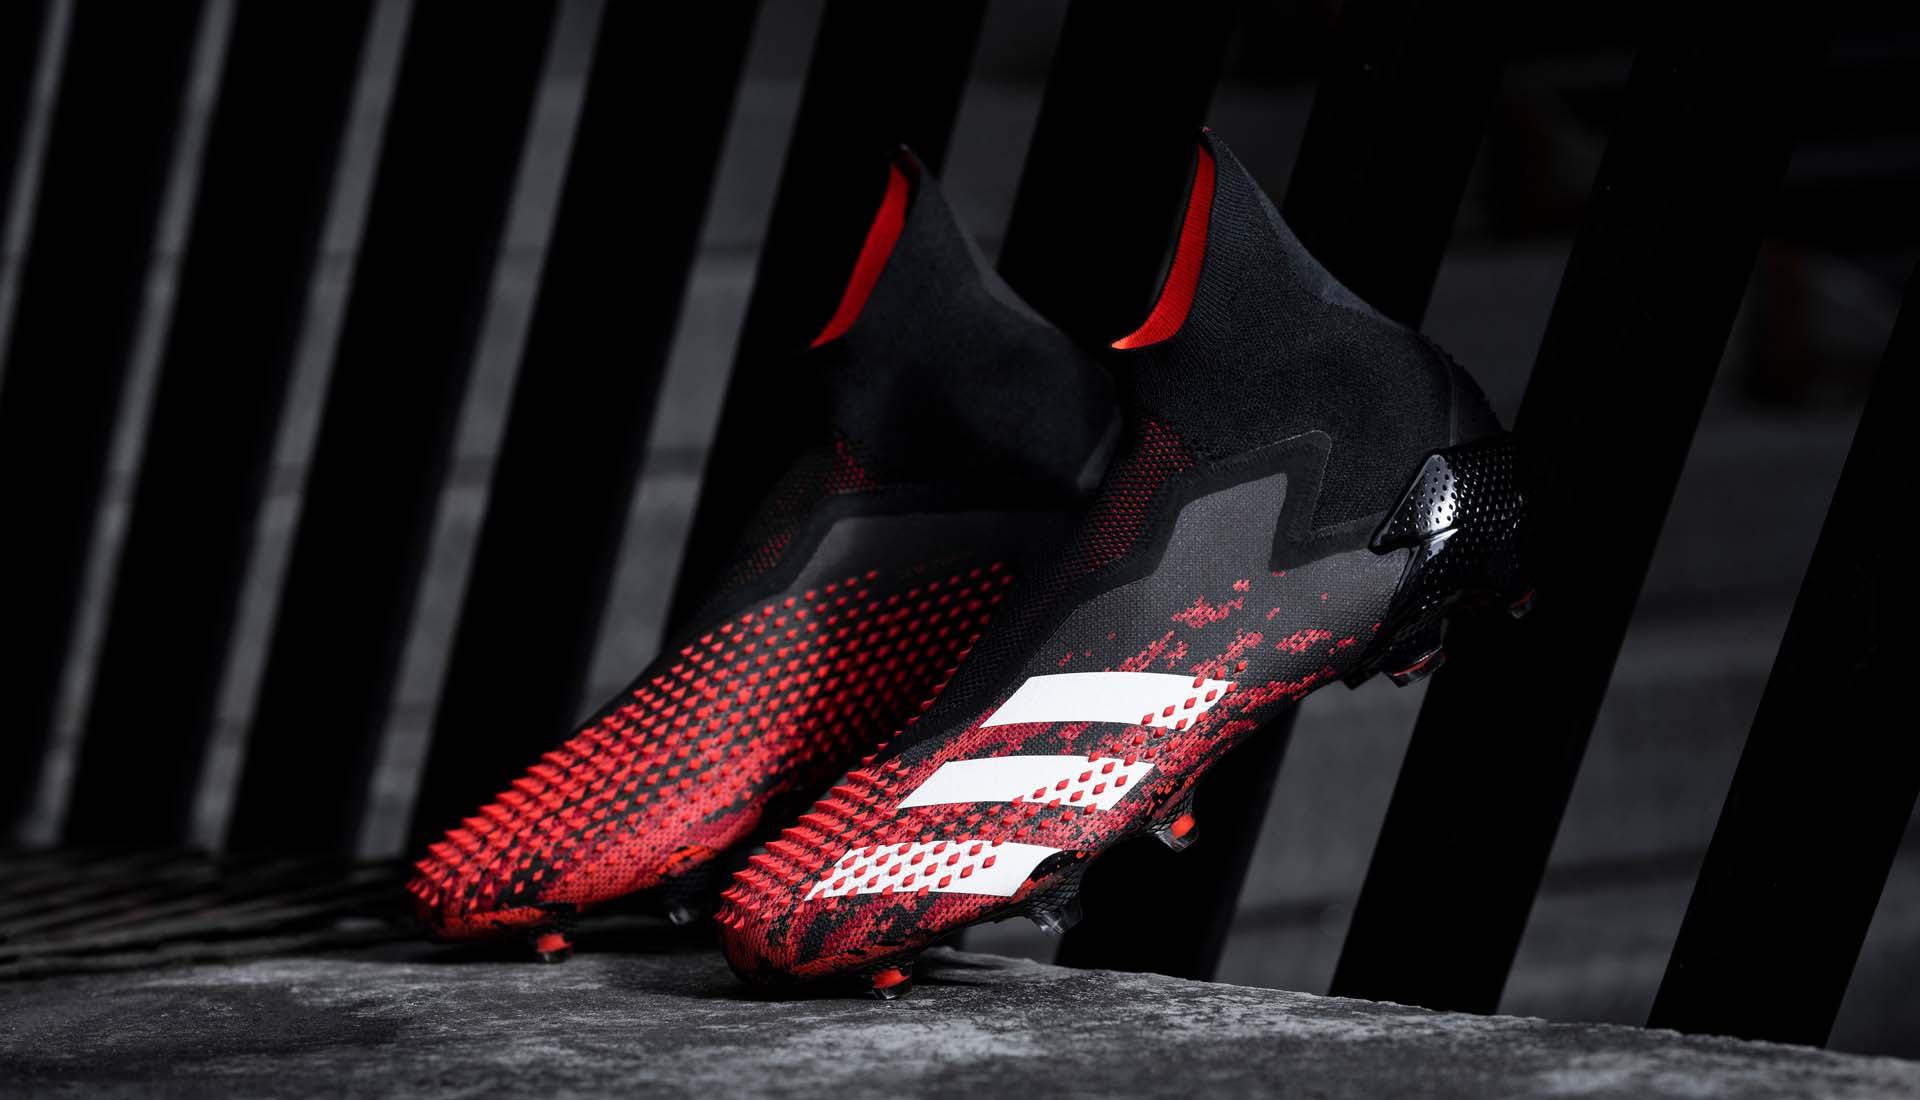 Welke voetballers dragen welke adidas Predator v Voetbal